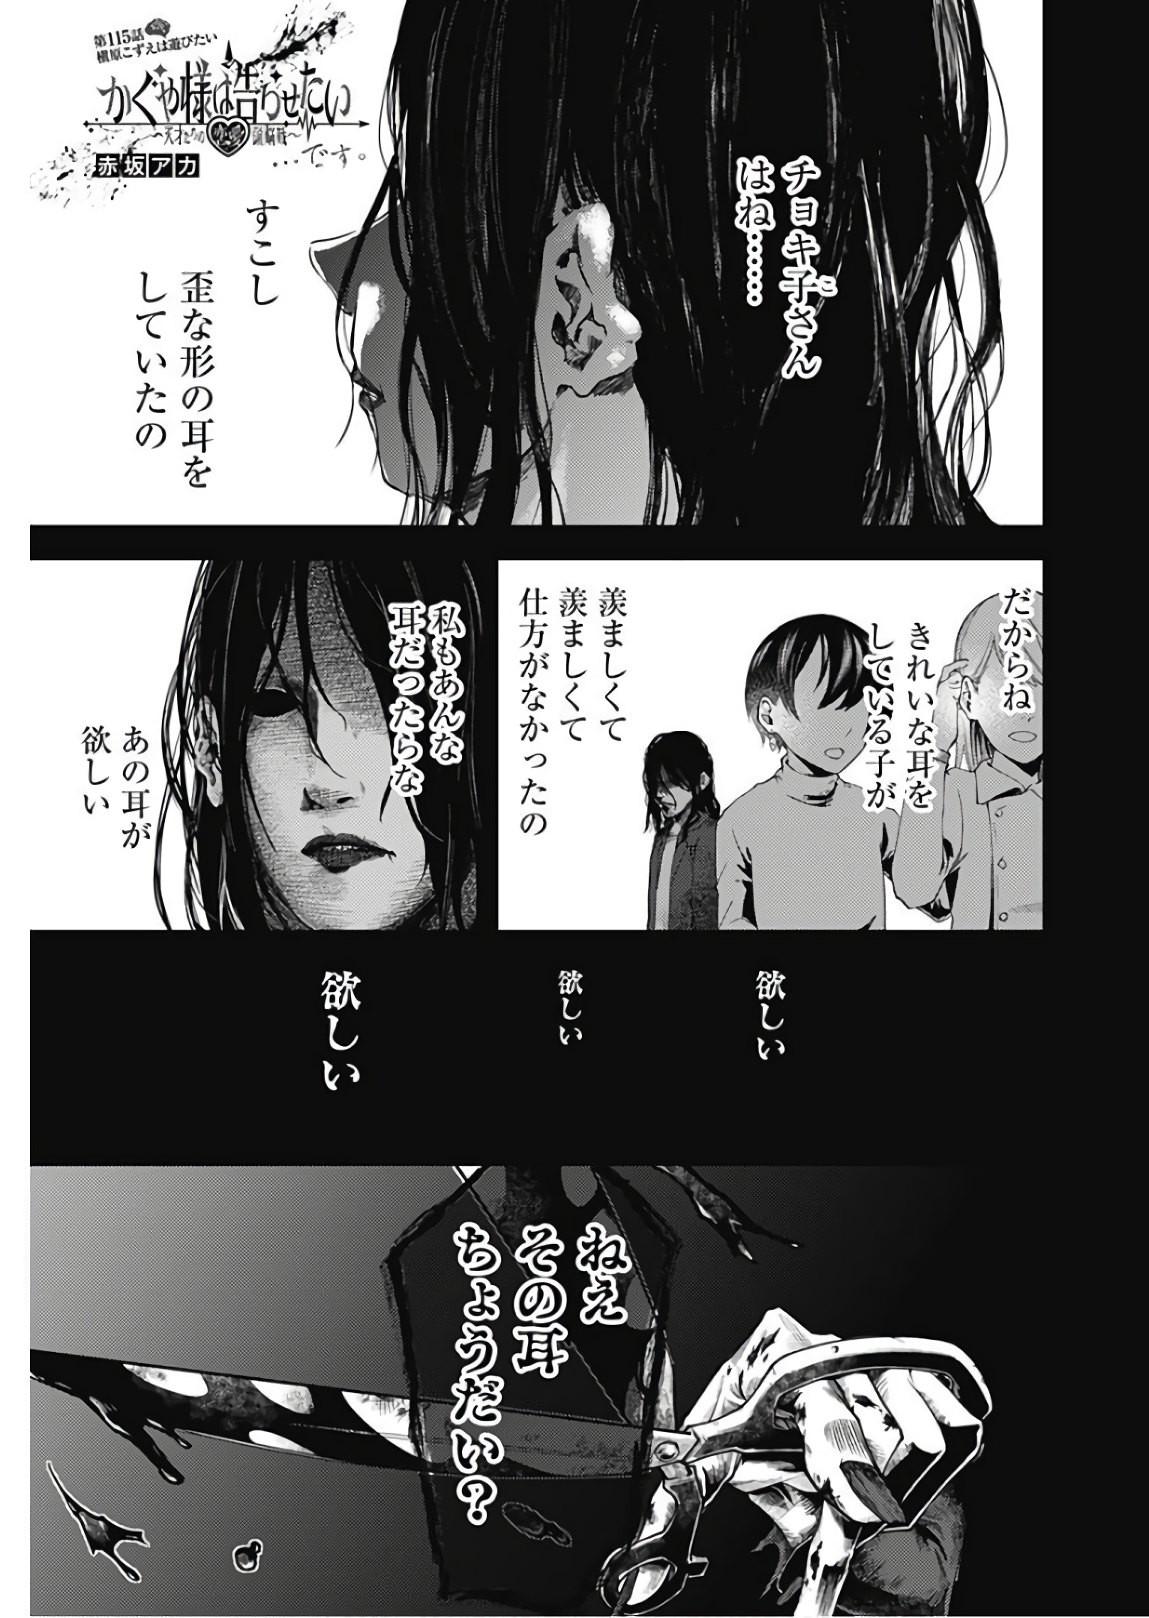 Kaguya-sama wa Kokurasetai - Tensai-tachi no Renai Zunousen - Chapter 115 - Page 1